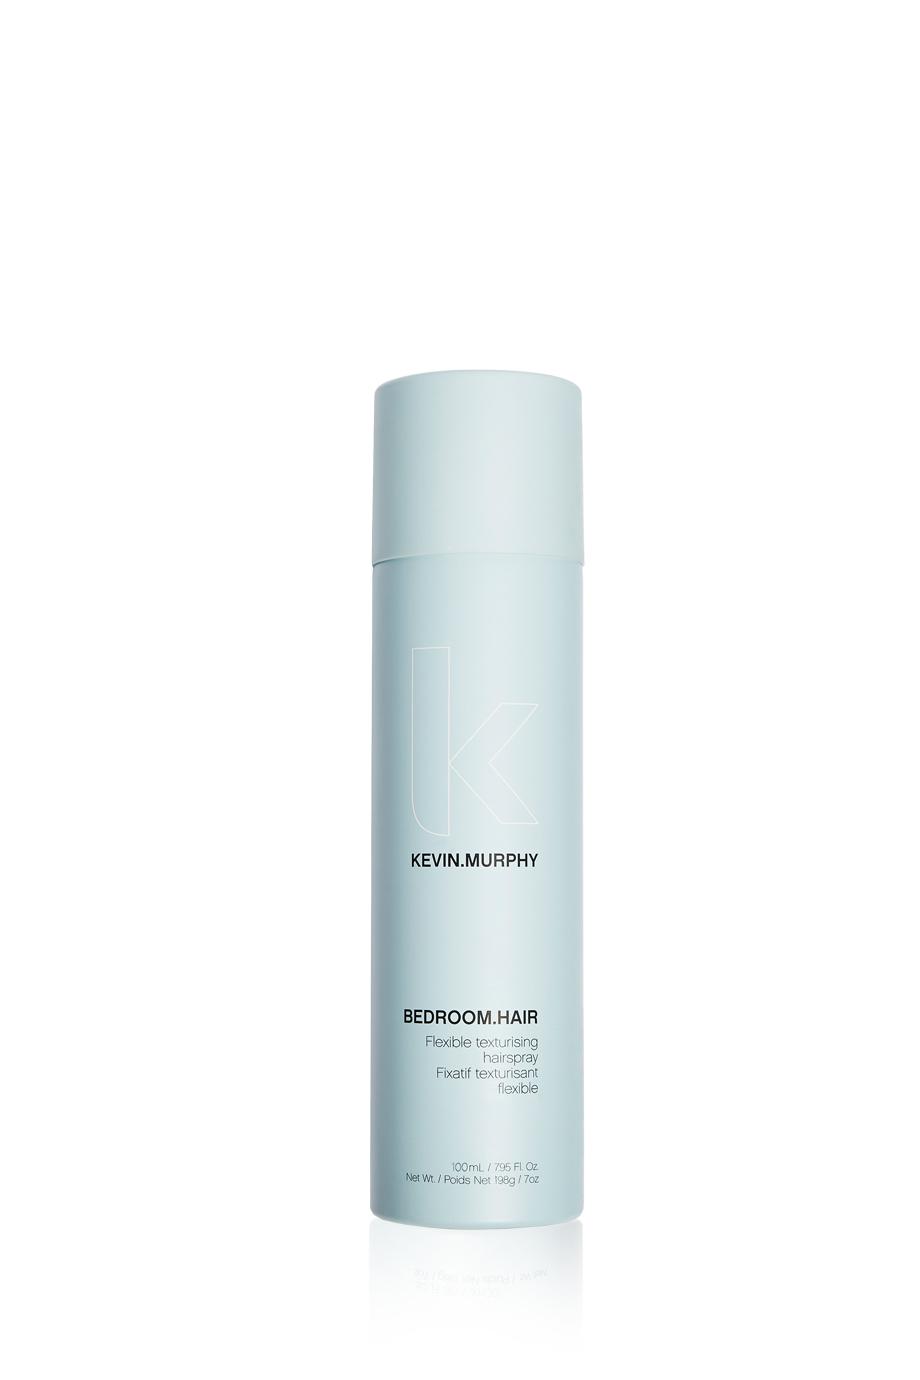 Текстурирующий спрей для волос с подвижной фиксацией / BEDROOM.HAIR